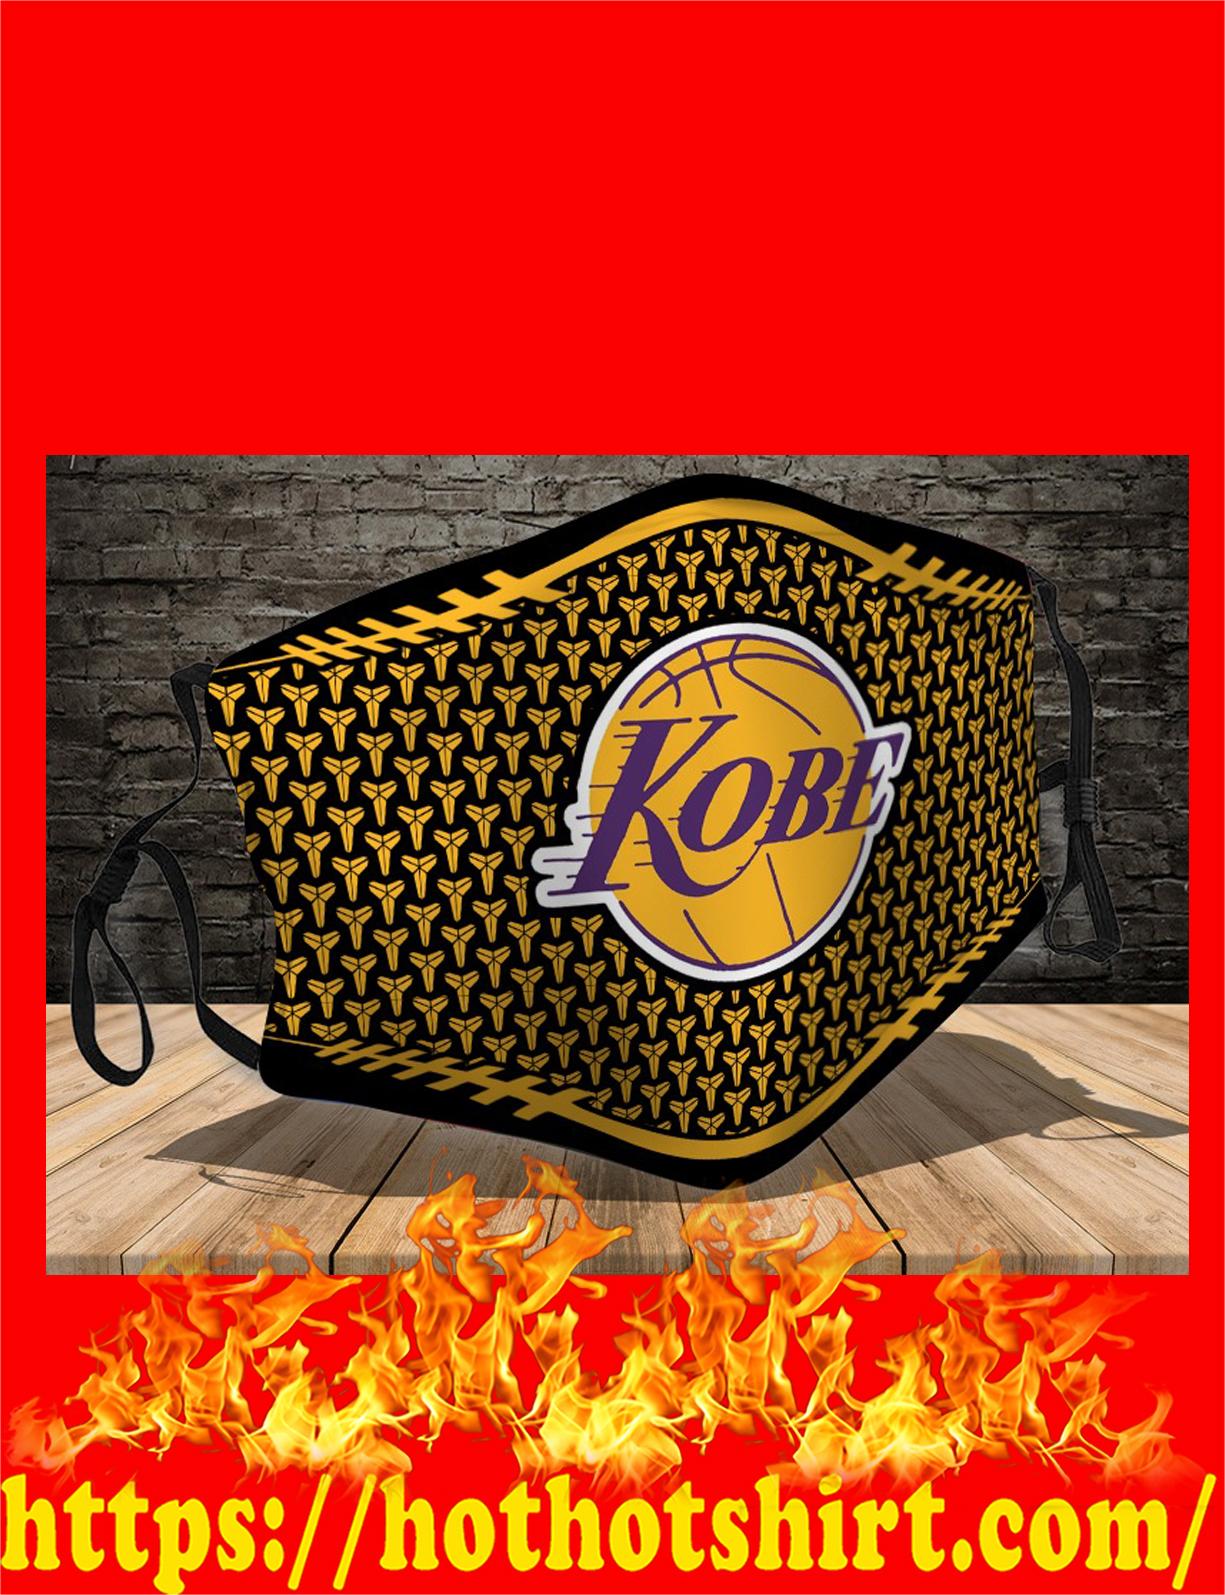 Kobe bryant logo face mask - detail